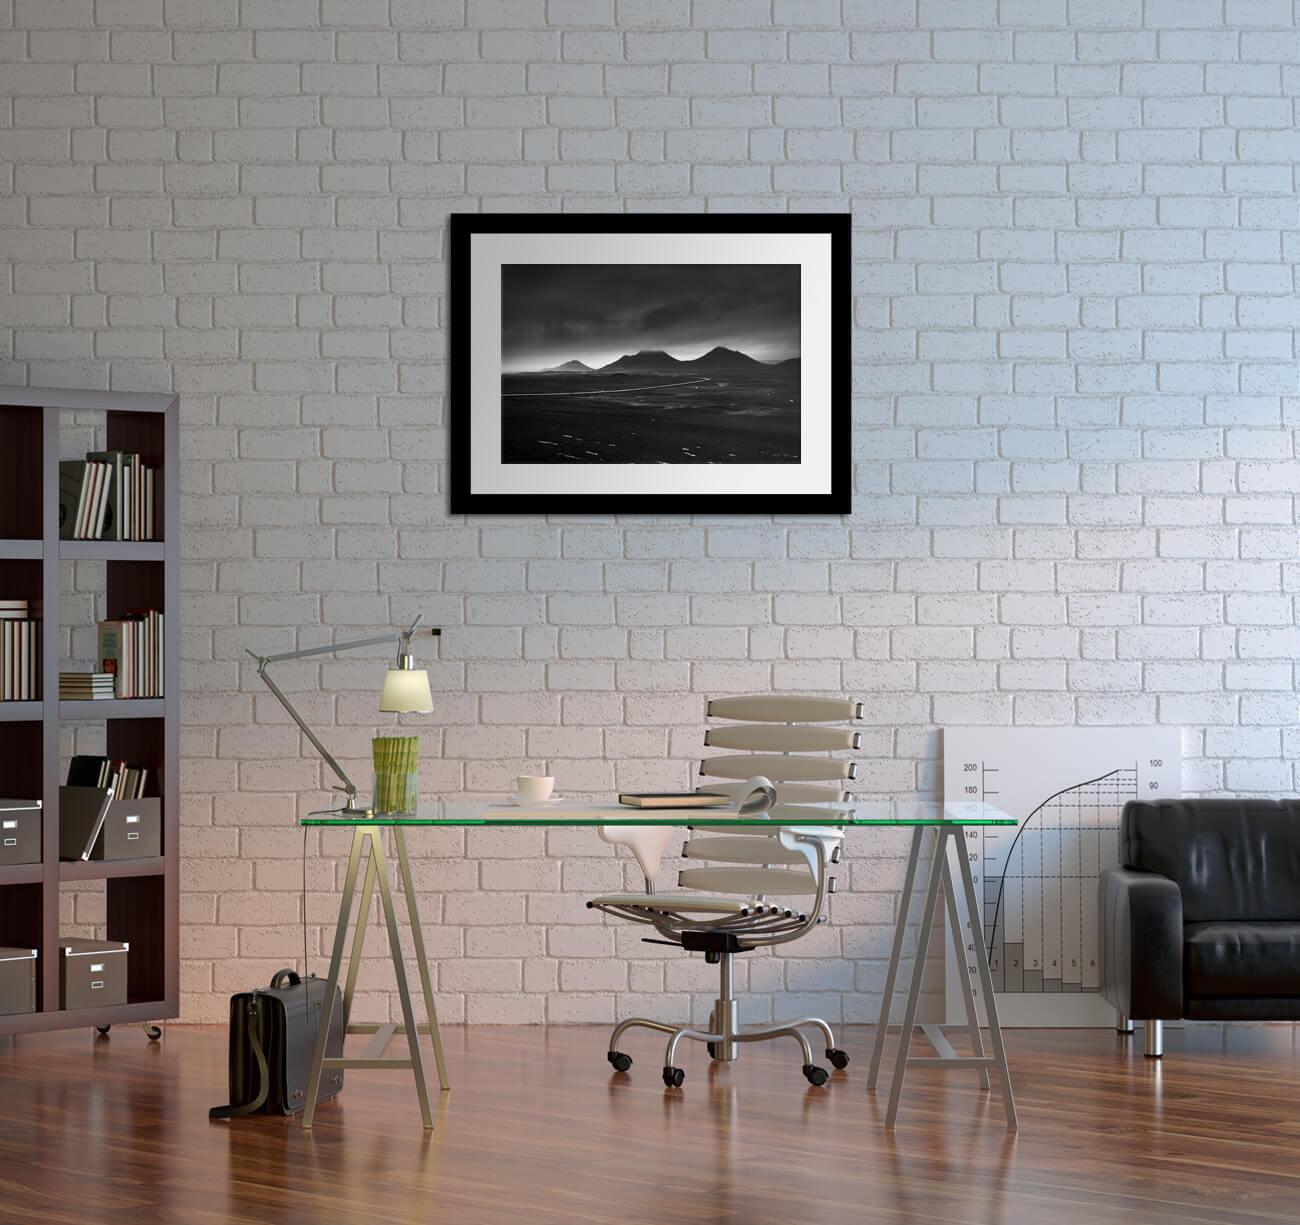 skyfall frame rendering